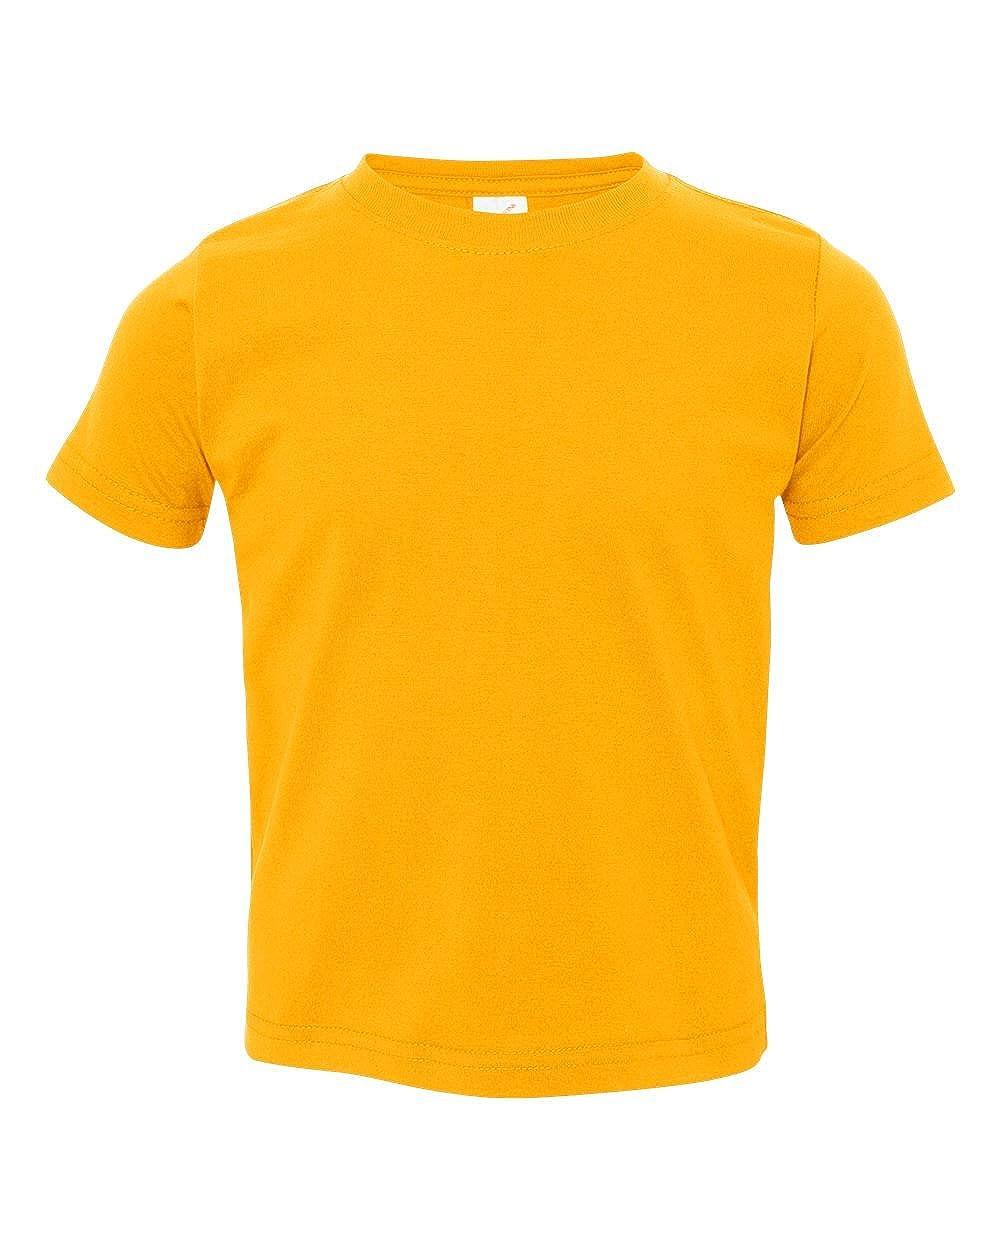 Rabbit Skins Toddler Soft Ribbed Crewneck Jersey T-Shirt 3321